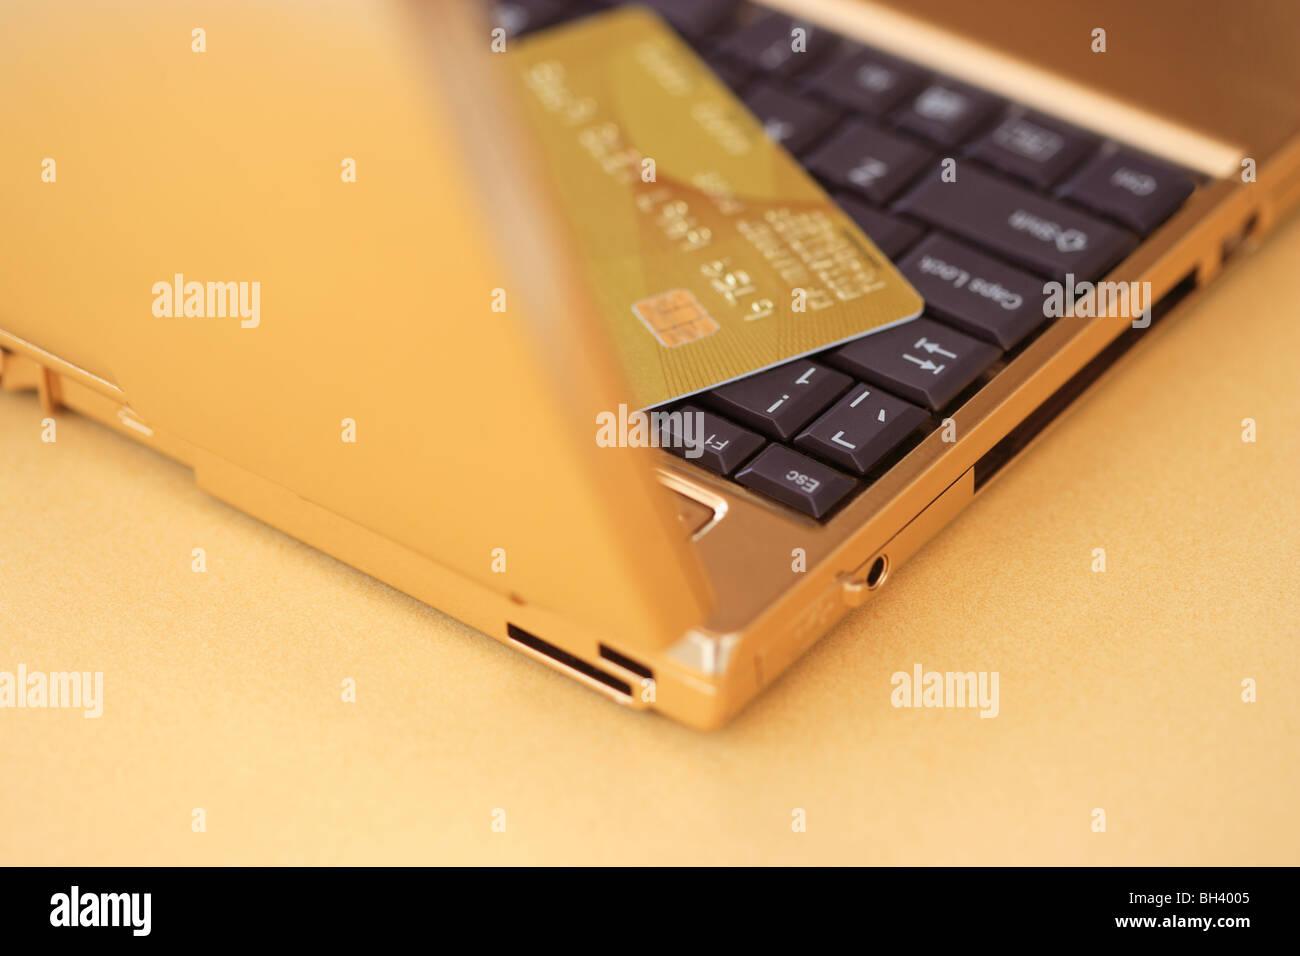 Un golden computer portatile e un golden carta di credito su un banco d'oro Immagini Stock